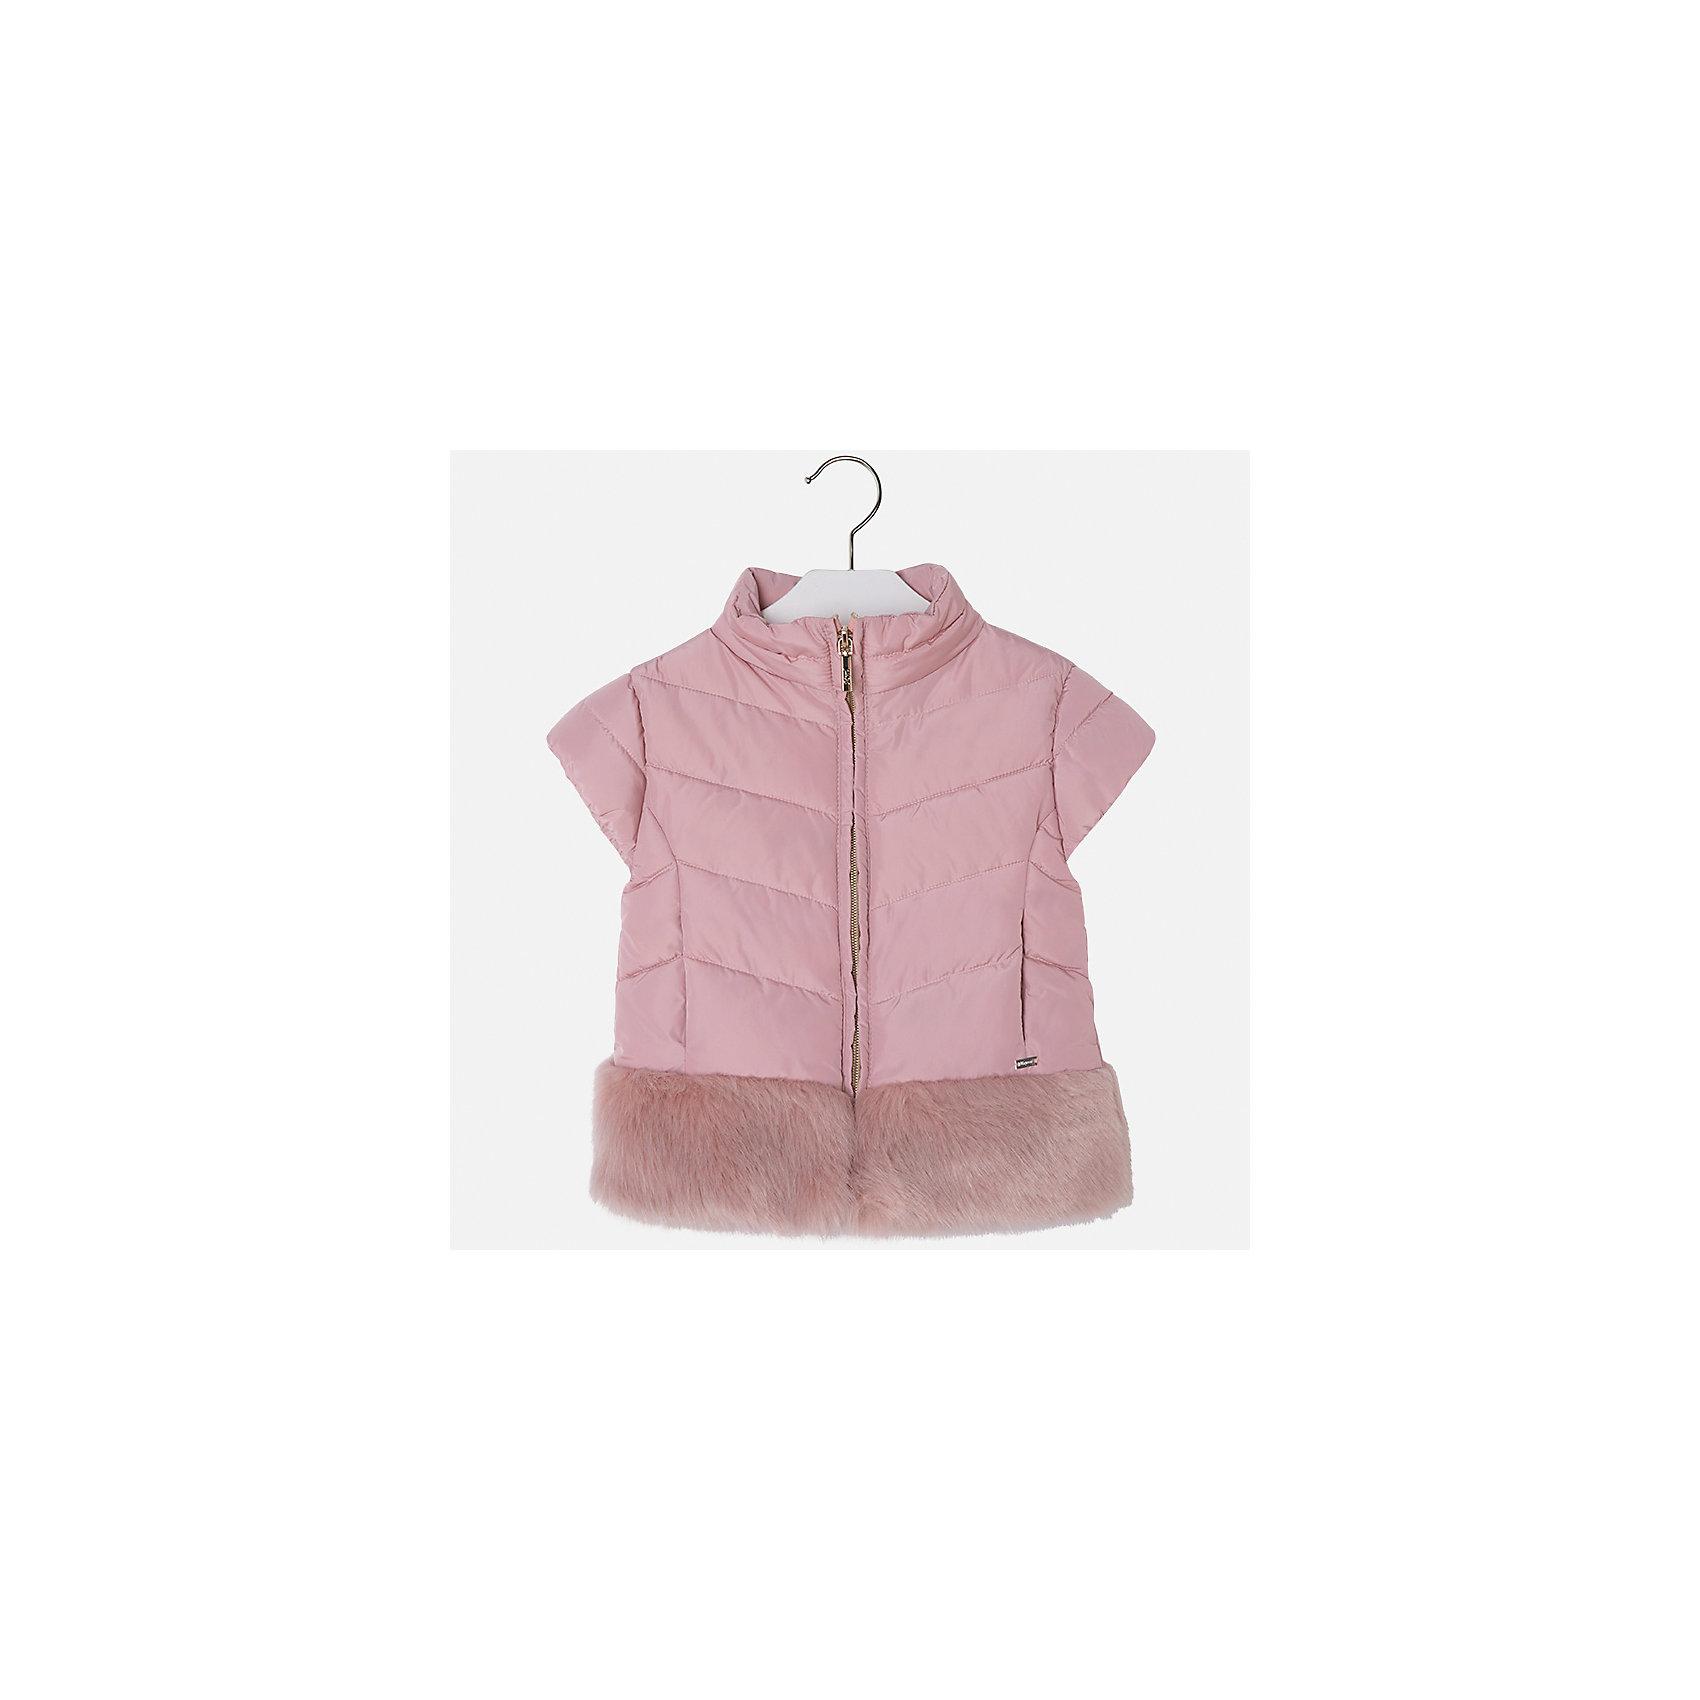 Жилет для девочки MayoralВерхняя одежда<br>Характеристики товара:<br><br>• цвет: розовый<br>• состав ткани: 70% полиэстер, 30% акрил, подклад - 100% нейлон, утеплитель -100% полиэстер<br>• застежка: молния<br>• короткие рукава<br>• сезон: круглый год<br>• страна бренда: Испания<br>• страна изготовитель: Индия<br><br>Теплый жилет для девочки сможет обеспечить тепло зимой или в прохладный летний вечер. Модель сделана из качественного материала, особенно эффектно смотрится отделка из искусственного меха. Модный жилет от Майорал - это пример отличного вкуса и высокого качества. <br><br>В одежде от испанской компании Майорал ребенок будет выглядеть модно, а чувствовать себя - комфортно. Целая команда европейских талантливых дизайнеров работает над созданием стильных и оригинальных моделей одежды.<br><br>Жилет для девочки Mayoral (Майорал) можно купить в нашем интернет-магазине.<br><br>Ширина мм: 190<br>Глубина мм: 74<br>Высота мм: 229<br>Вес г: 236<br>Цвет: розовый<br>Возраст от месяцев: 96<br>Возраст до месяцев: 108<br>Пол: Женский<br>Возраст: Детский<br>Размер: 134,104,110,116,122,128<br>SKU: 6924347